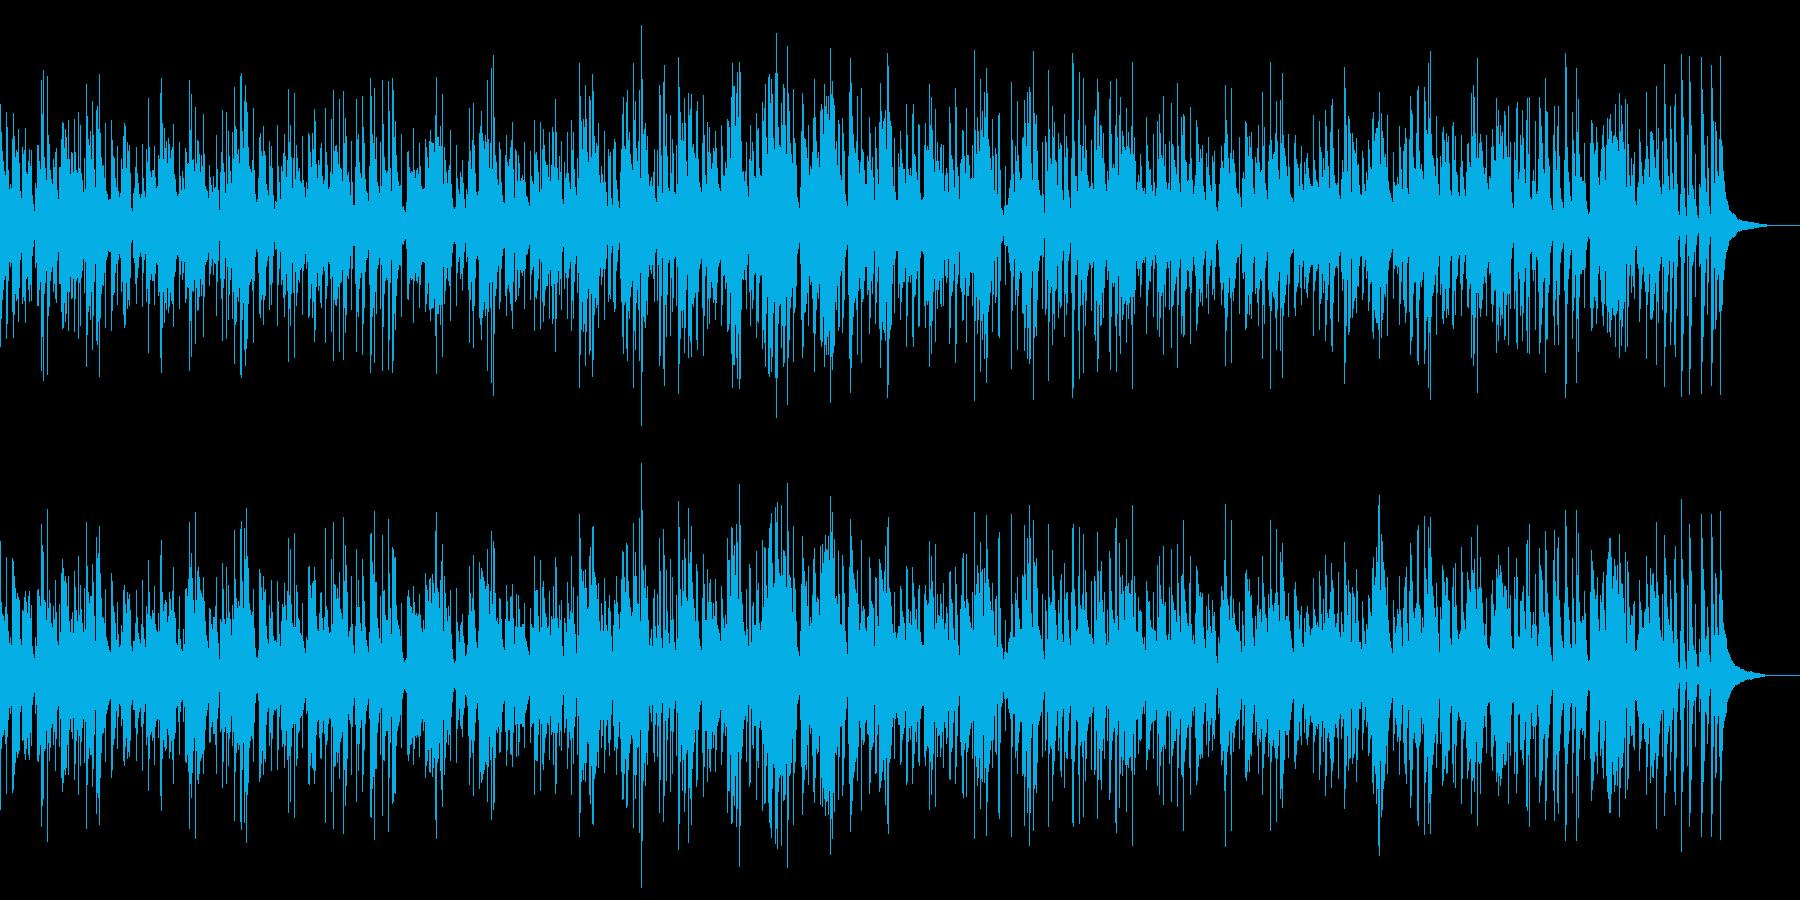 お洒落なジャズピアノトリオ14ゆったりの再生済みの波形